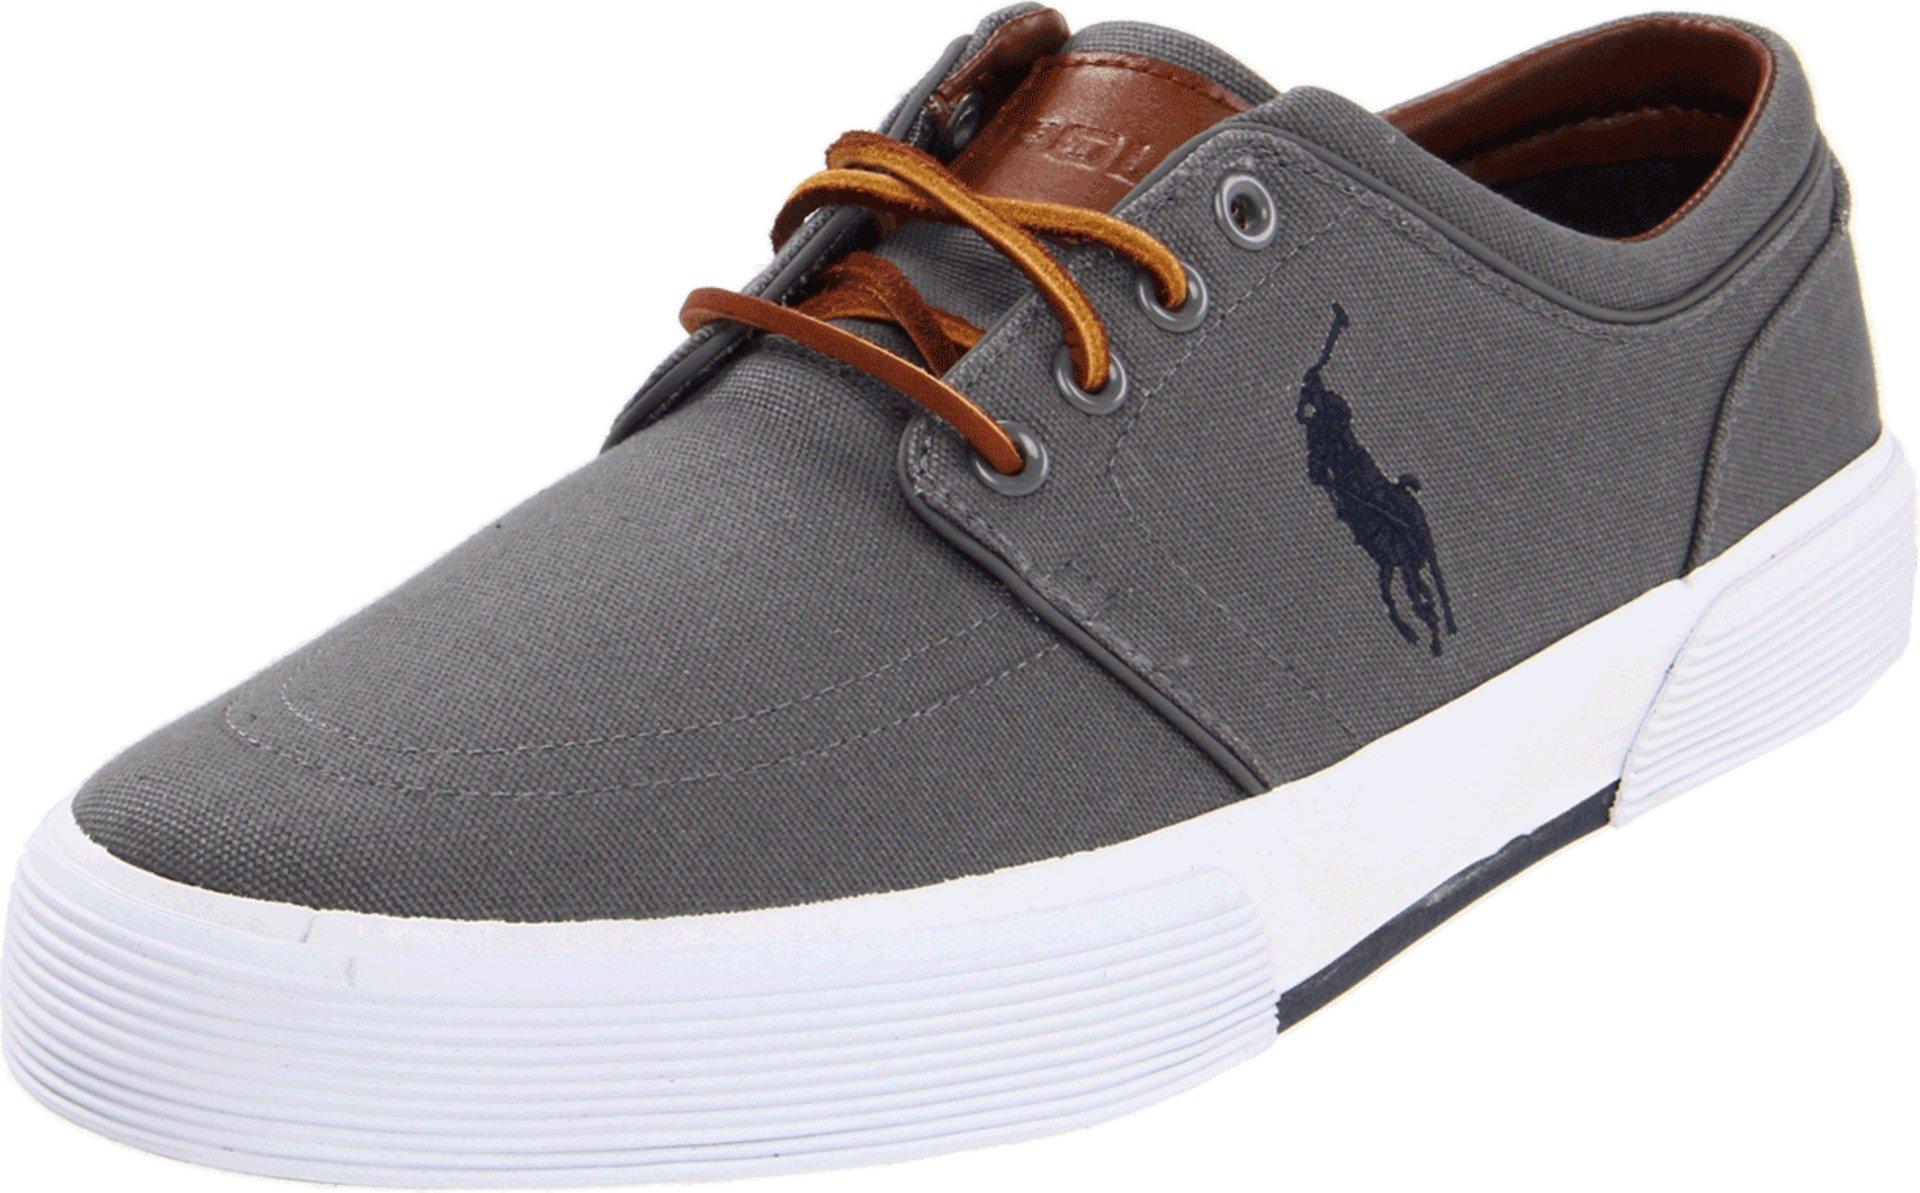 Polo Footwear Faxon Sneaker